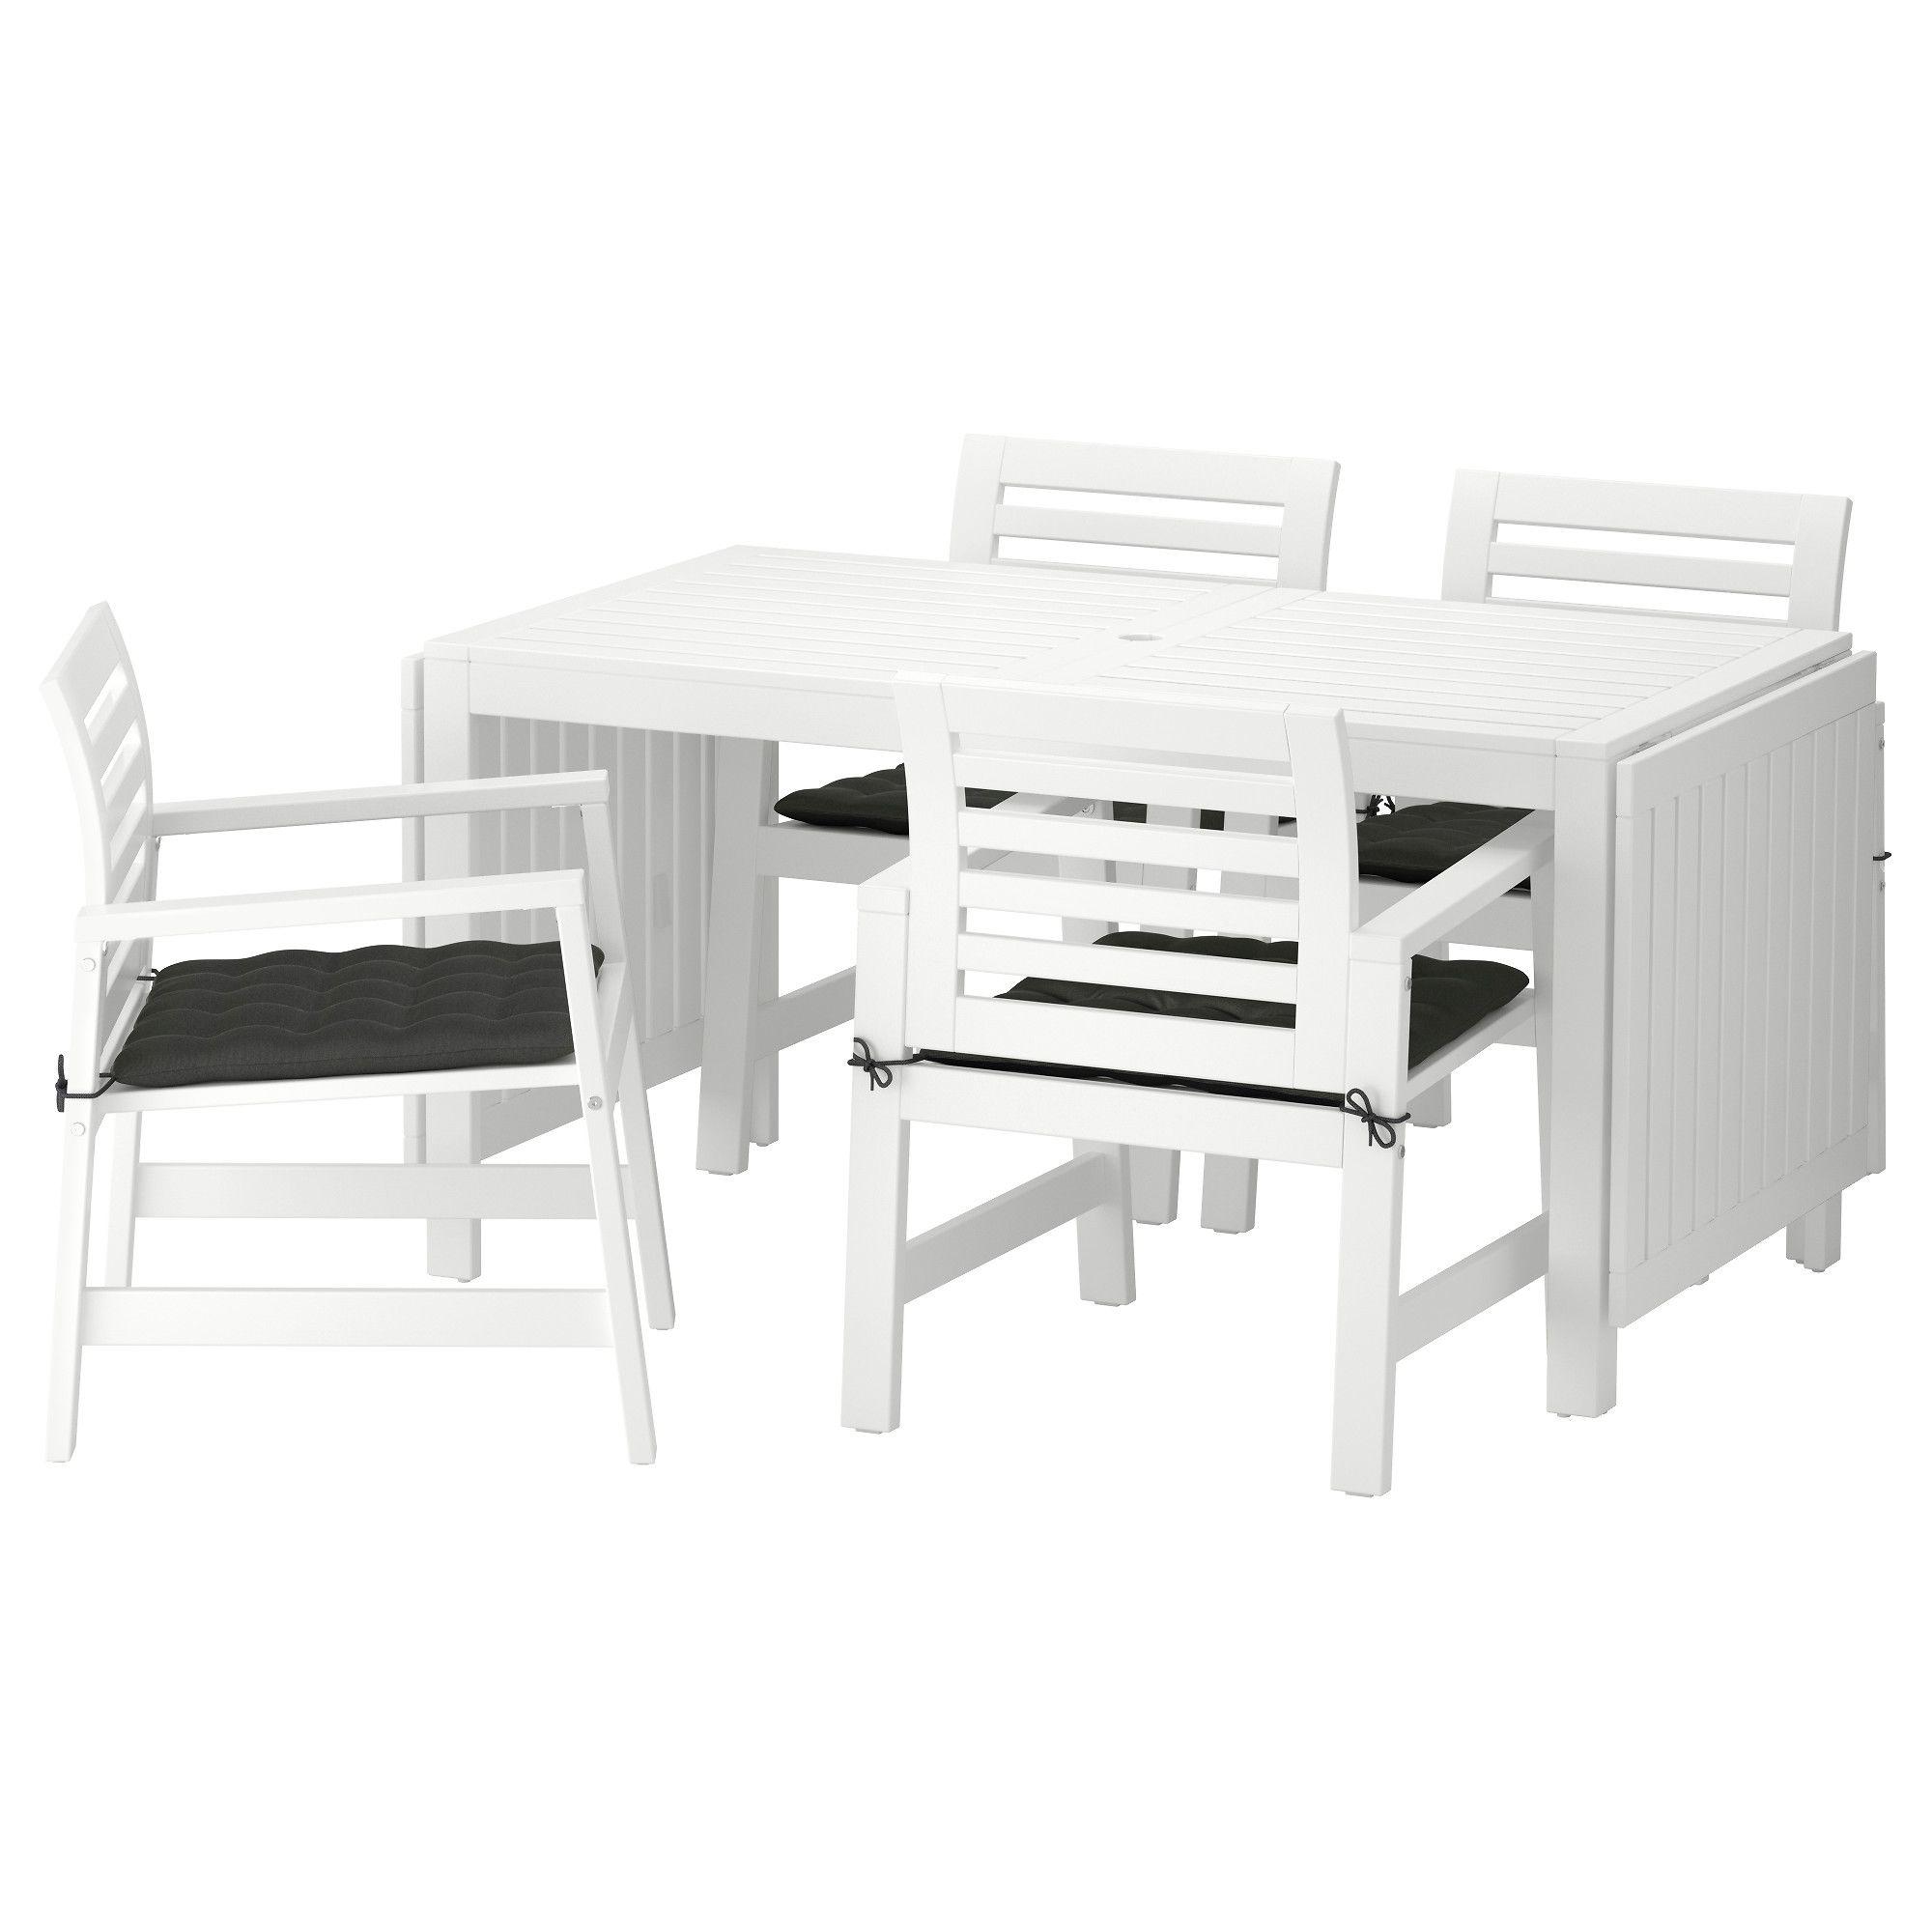 IKEA ÄPPLARÖ Table and 4 armchairs, outdoor white, Hållö